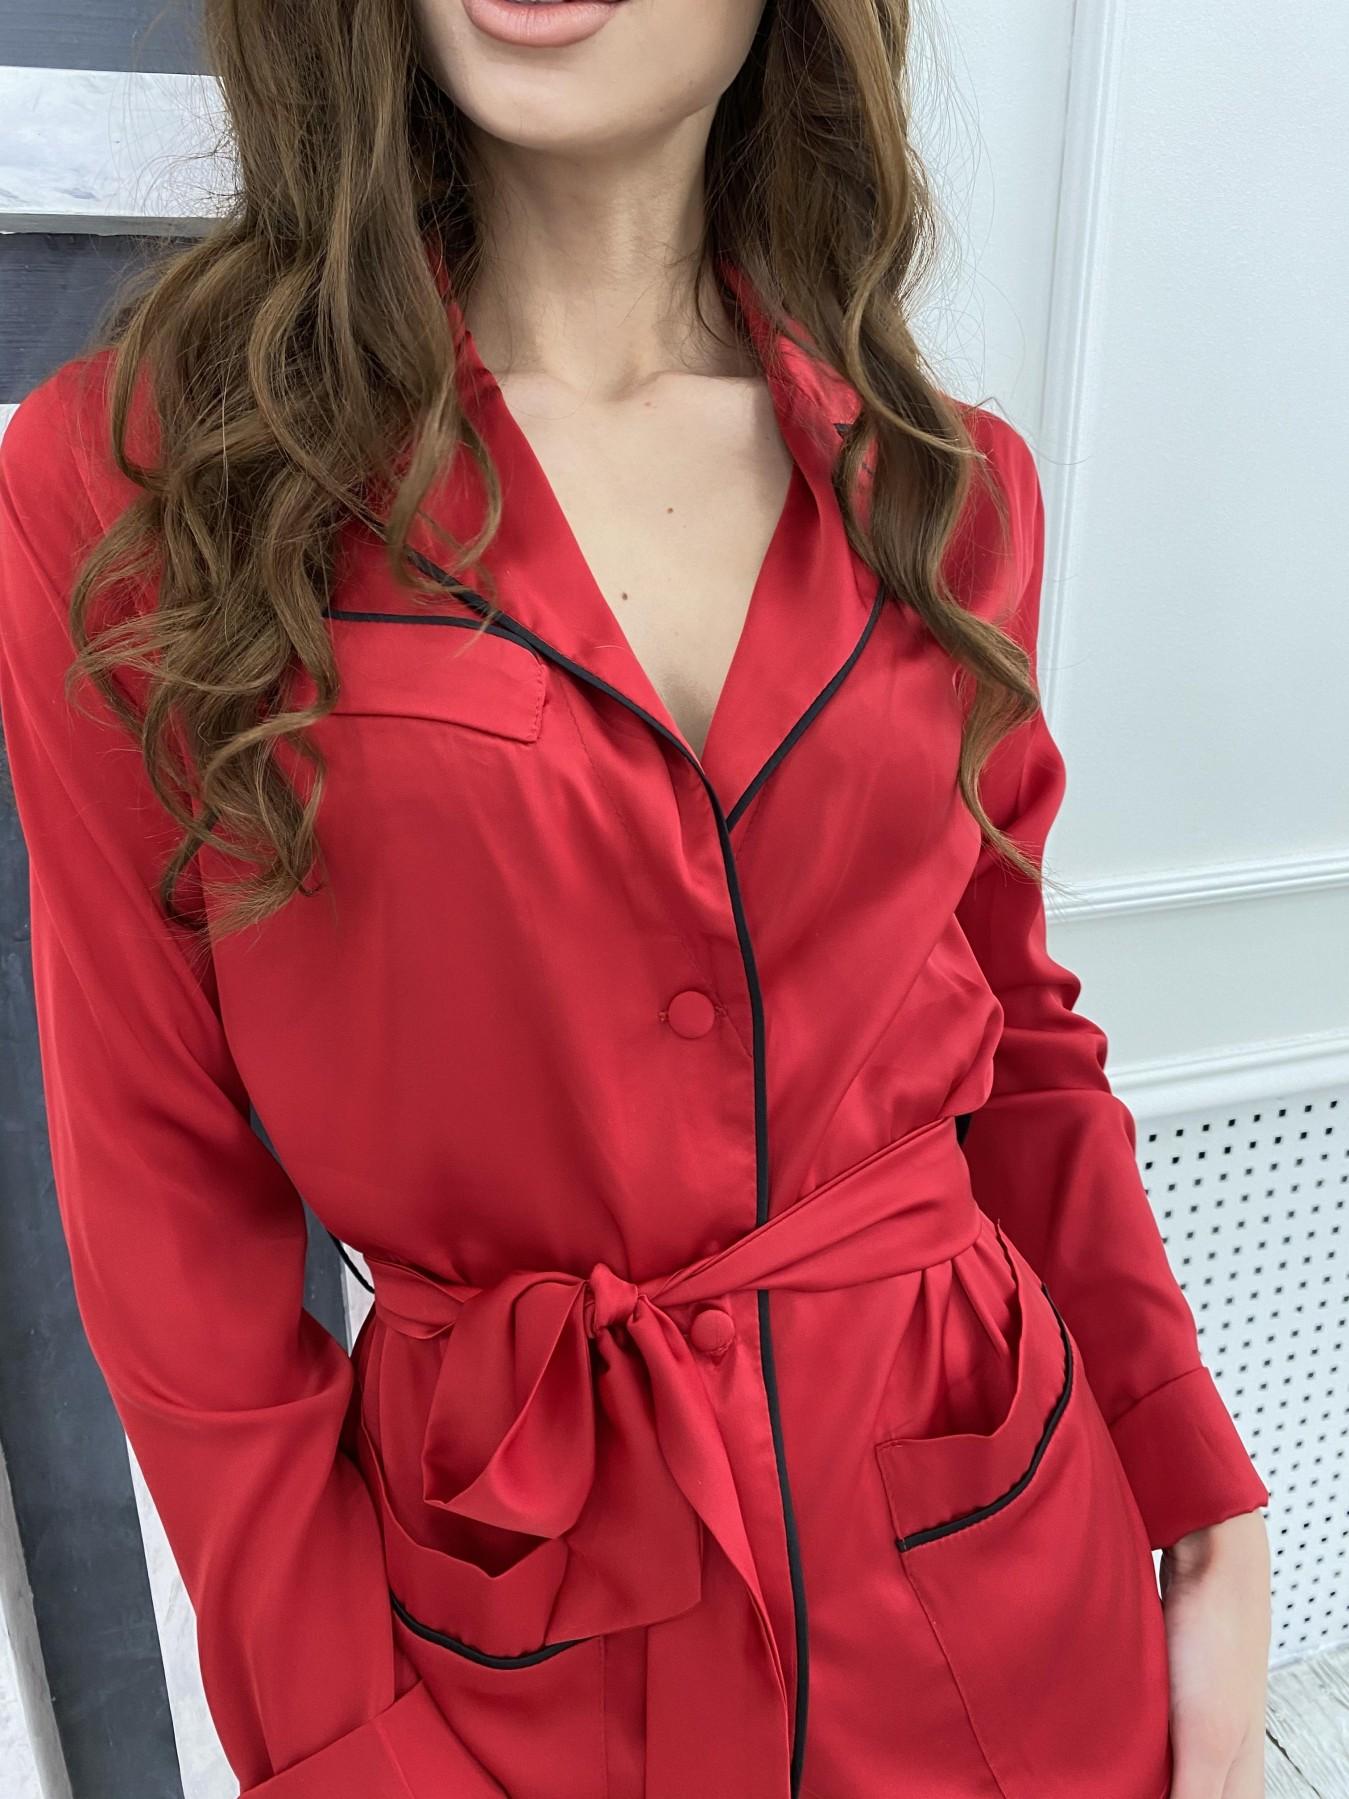 Шайн костюм из шелка  10778 АРТ. 47215 Цвет: Красный - фото 4, интернет магазин tm-modus.ru